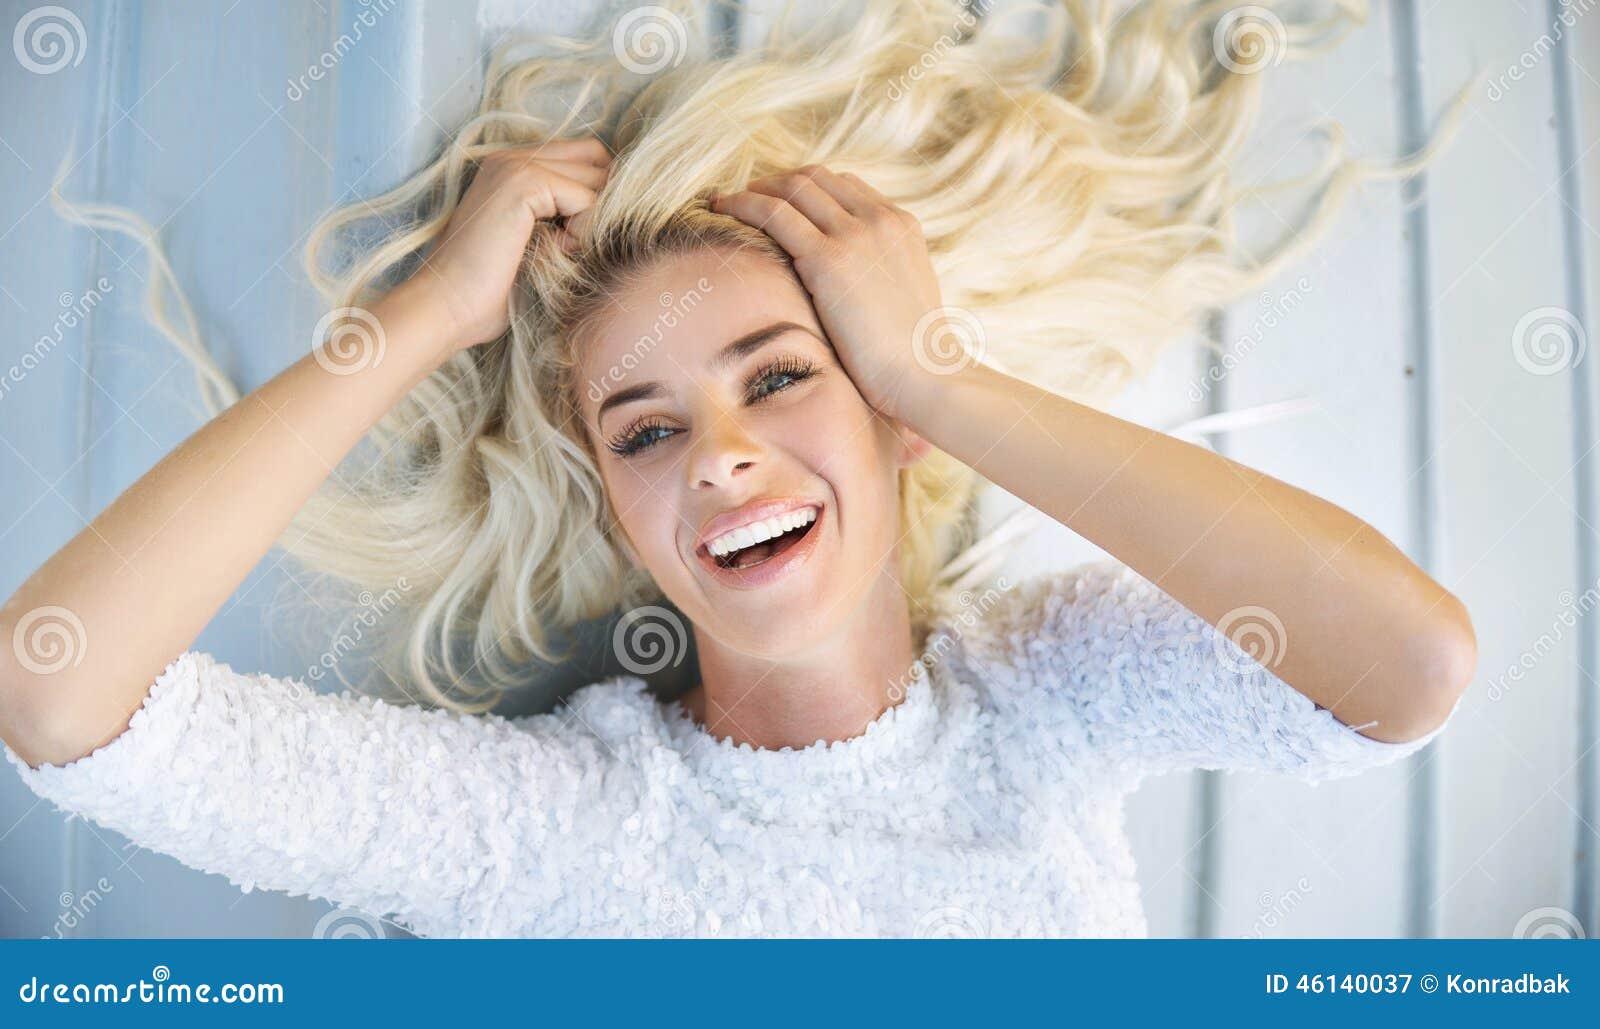 Фото известных блондинок 12 фотография